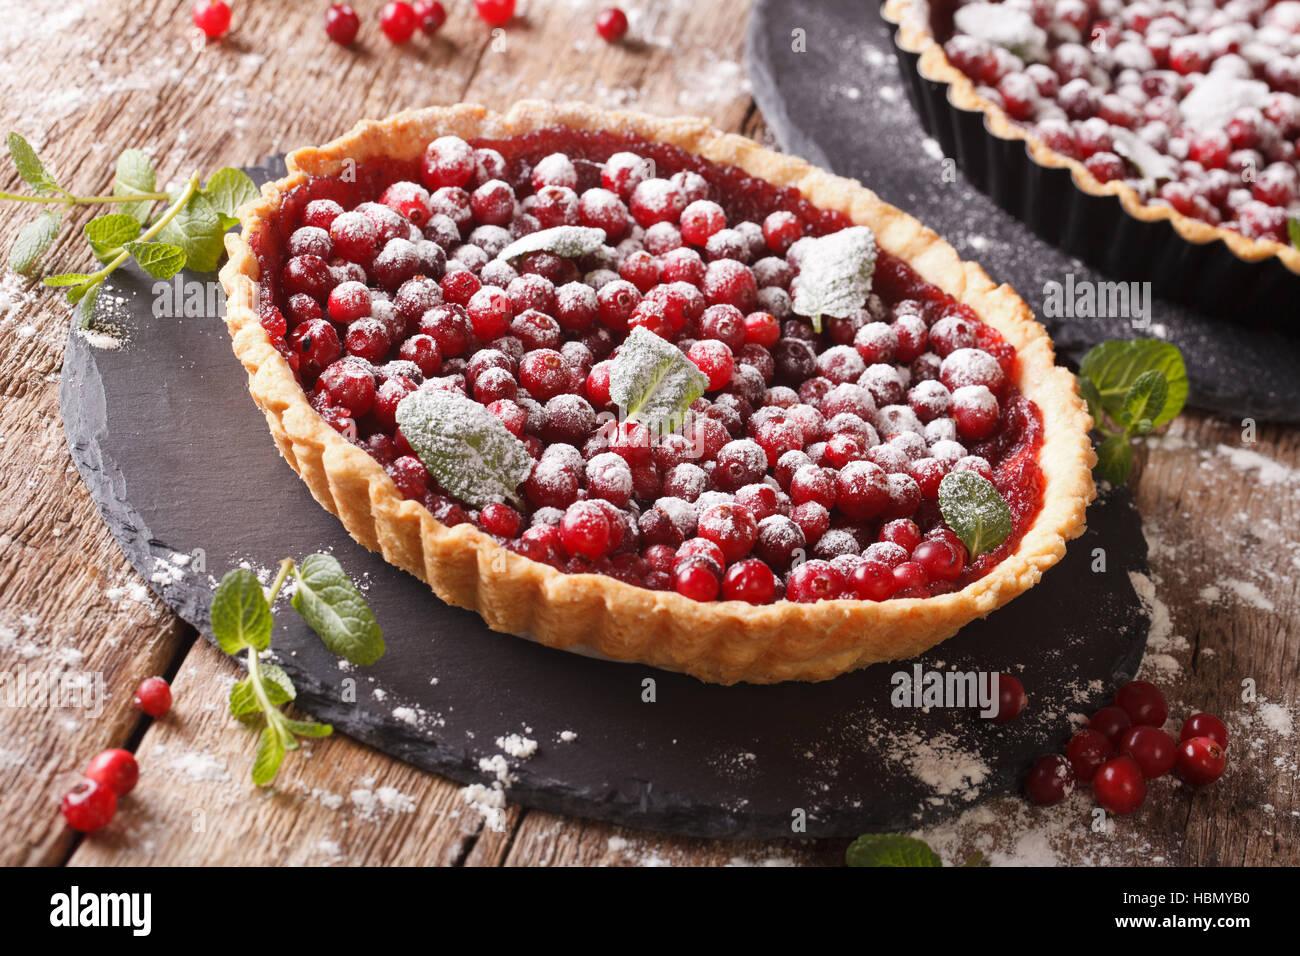 Cranberry-Tarte mit Marmelade, Puderzucker und Minze-close-up auf dem Tisch. Horizontale Stockbild